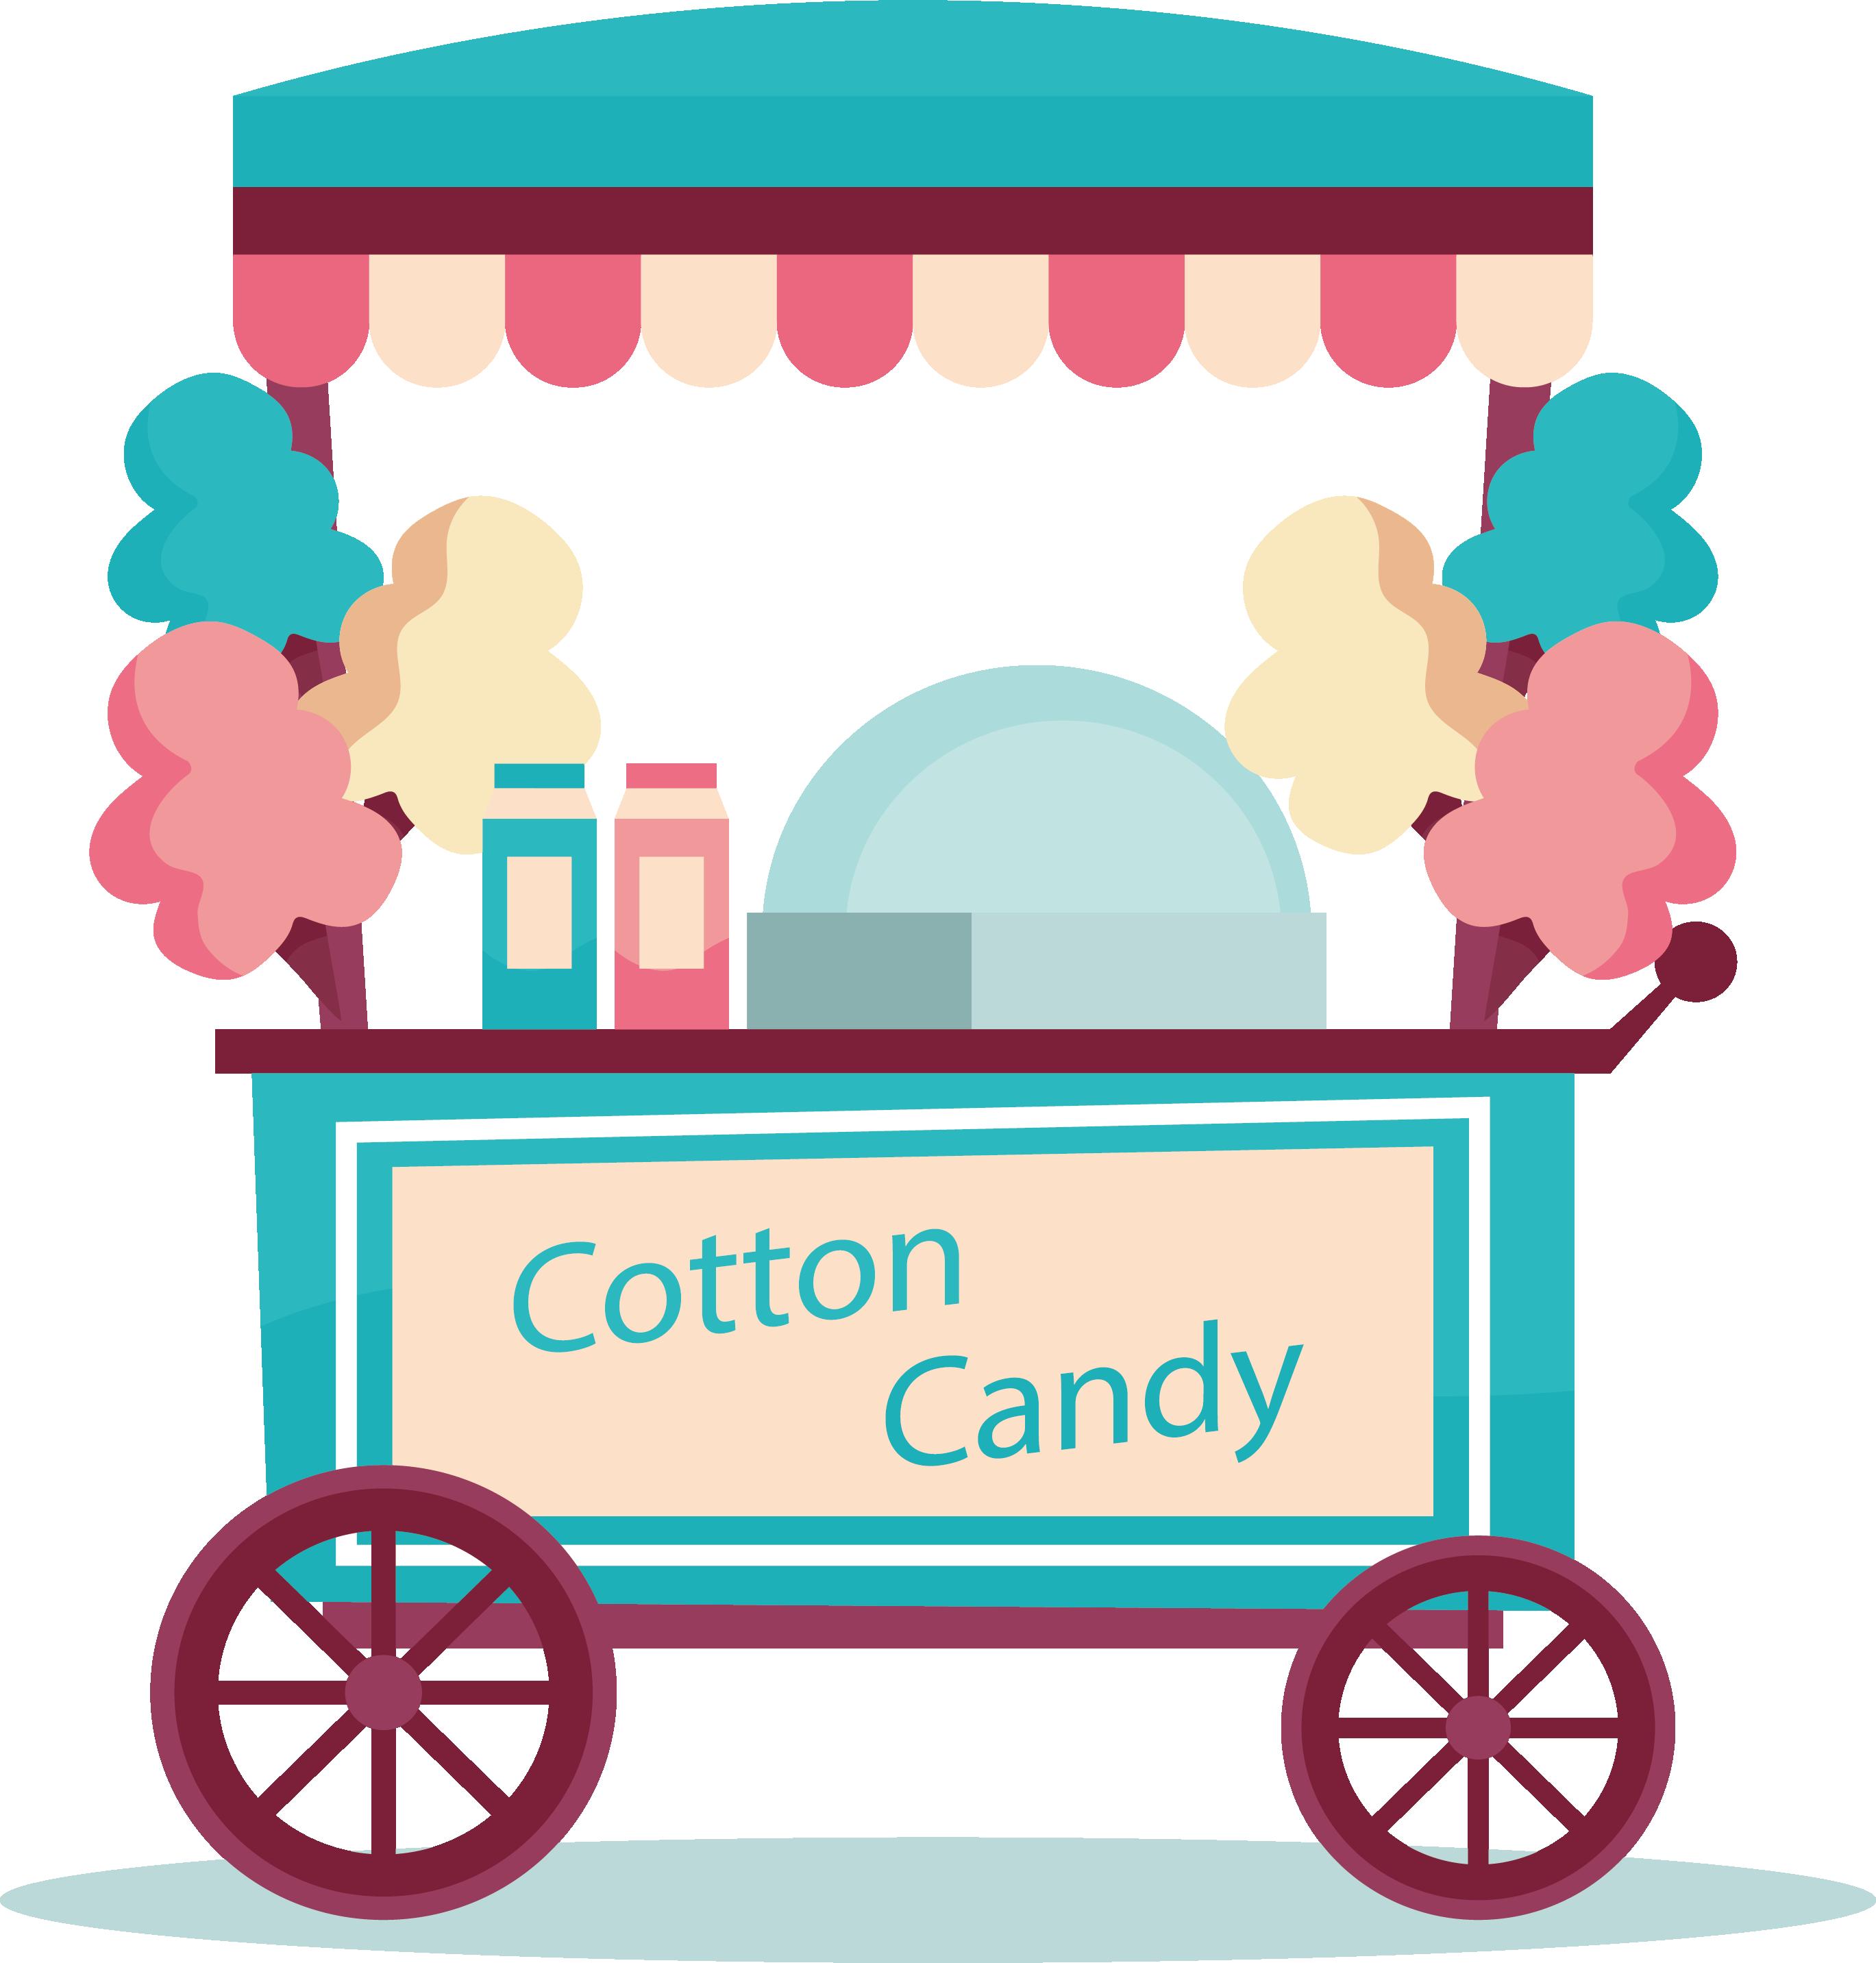 Apple cart clipart transparent download Cotton candy Candy cane Lollipop Sweetness Clip art - Green cotton ... transparent download